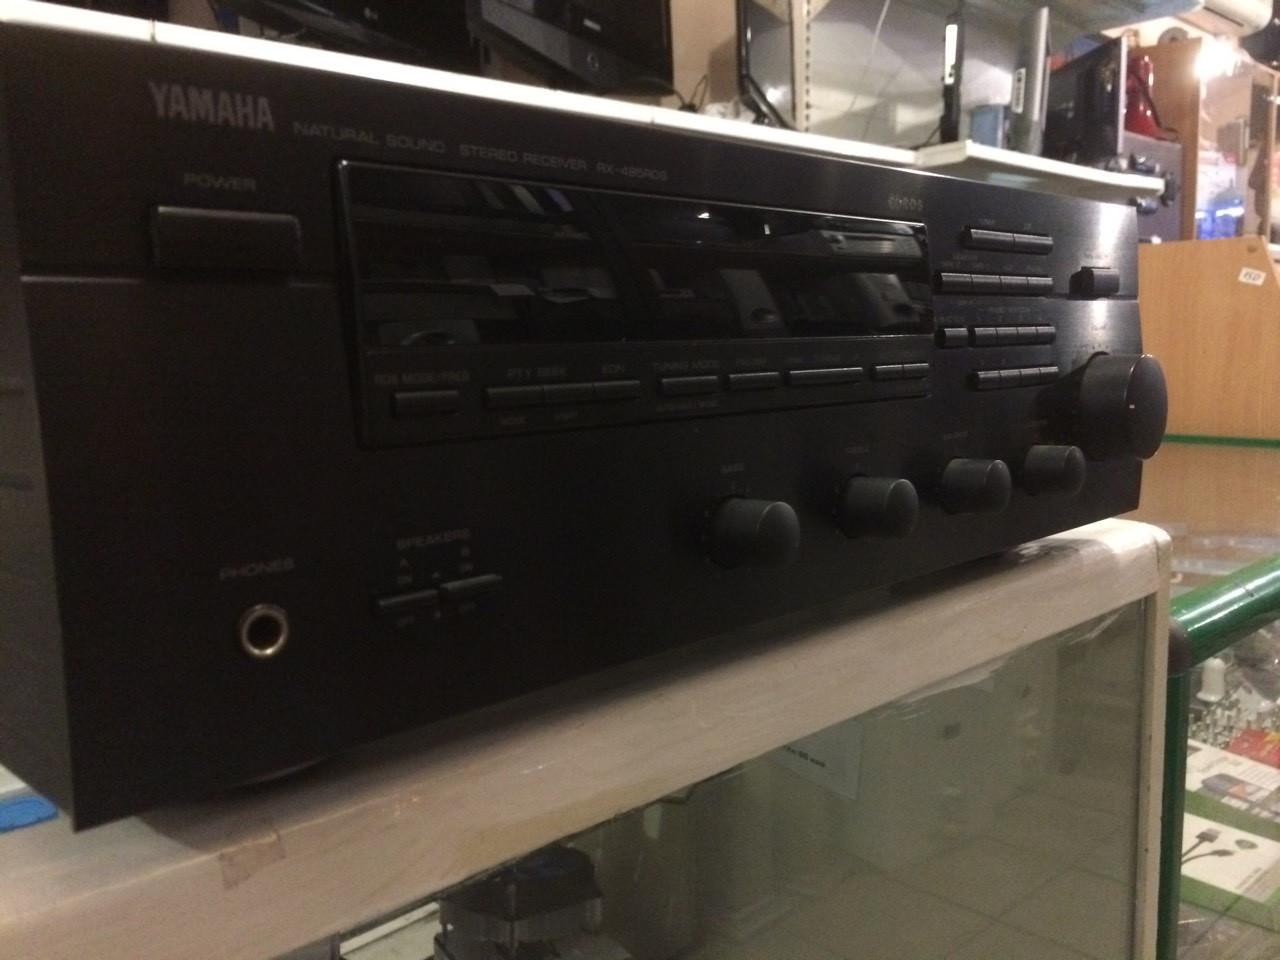 Стереоресивер YAMAHA RX-495RDS - Комиссионный магазин Лидер в Мариуполе